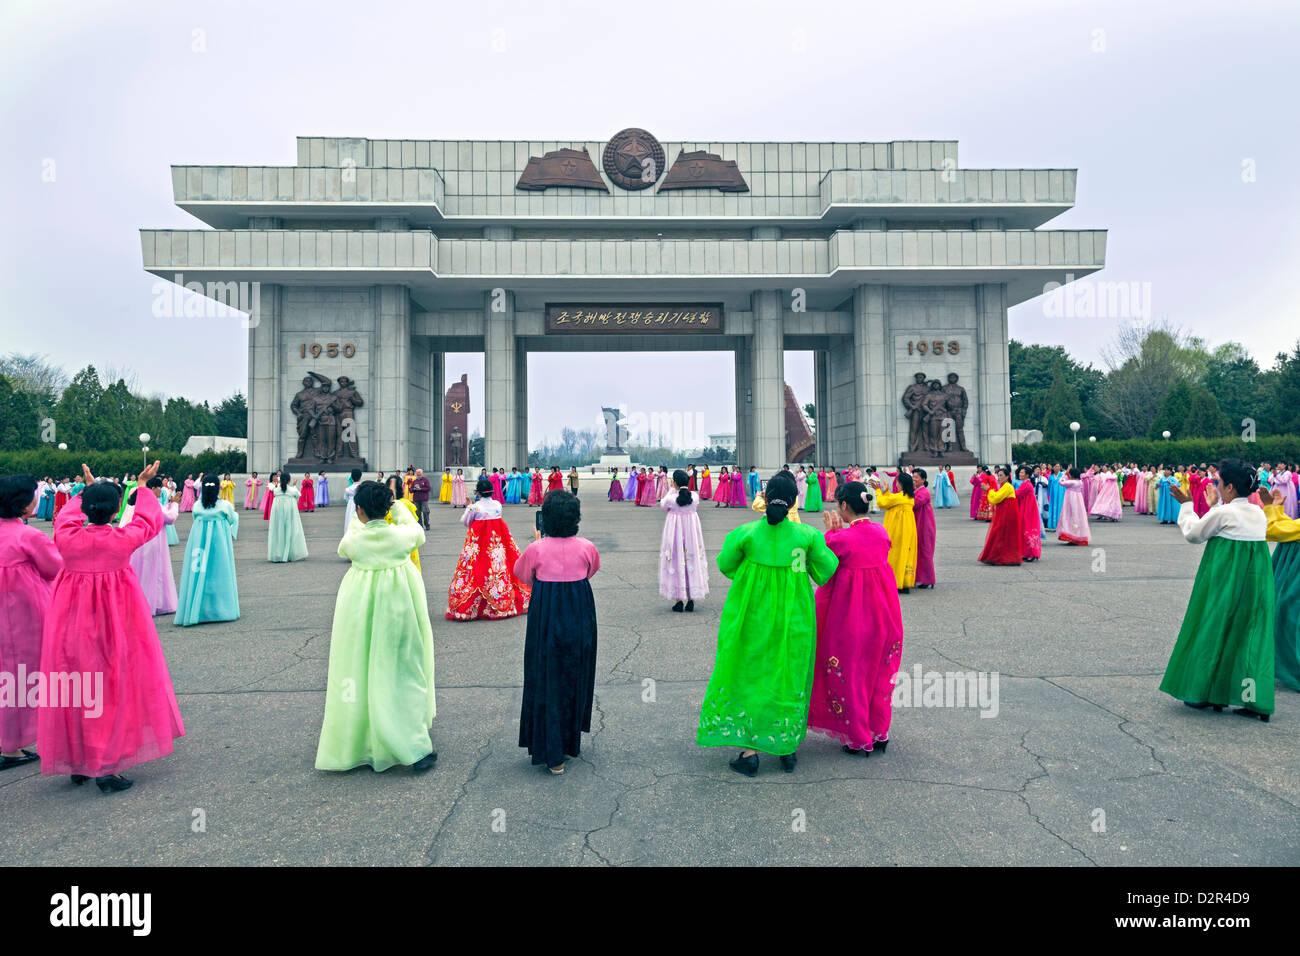 Les femmes en robes traditionnelles colorées à la messe de la danse, Pyongyang, Corée du Nord Photo Stock